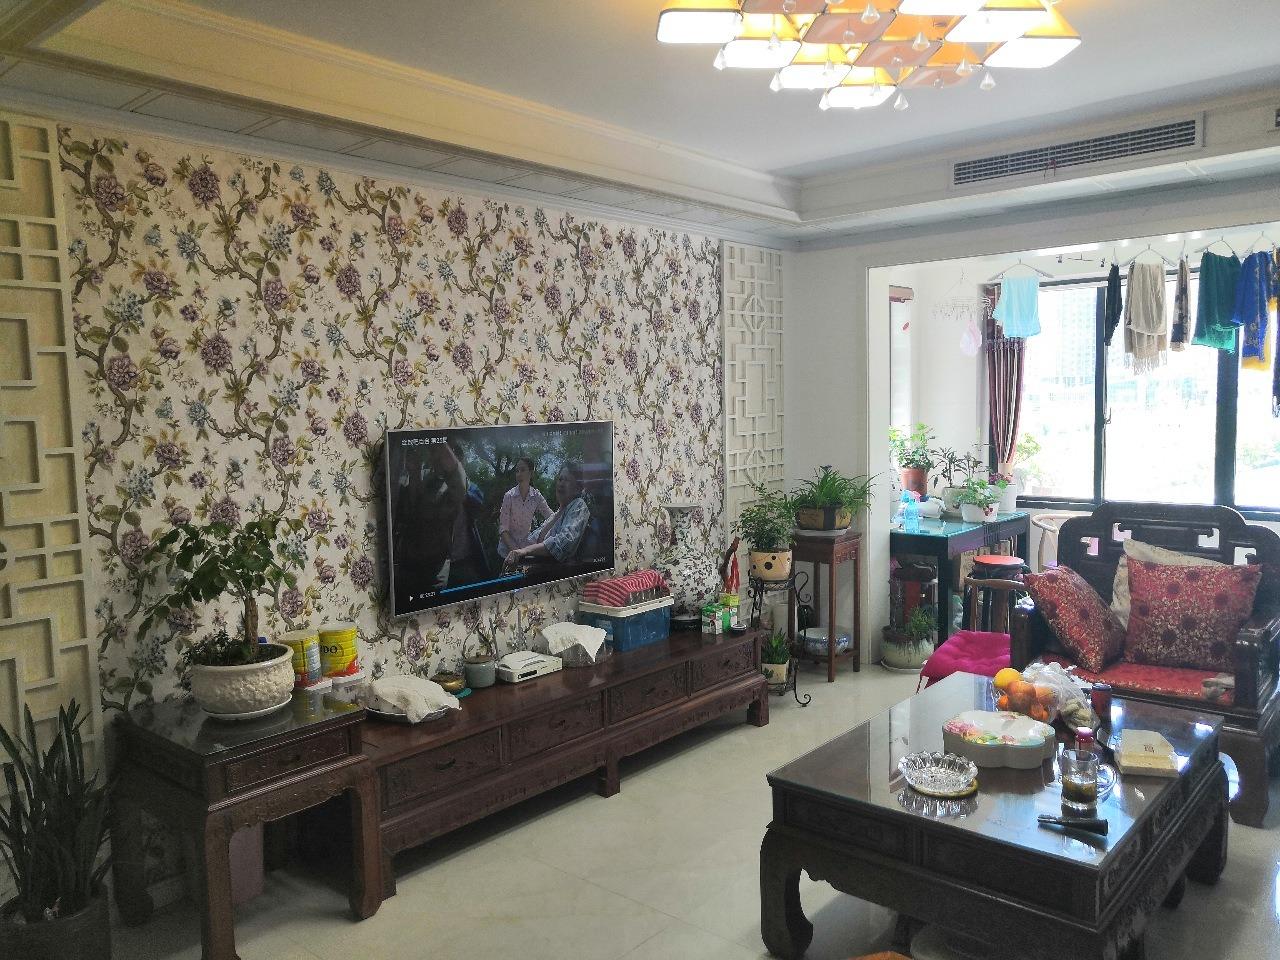 金鑫国际豪园中央空调带地暖,刚装修2年时间,诚售!